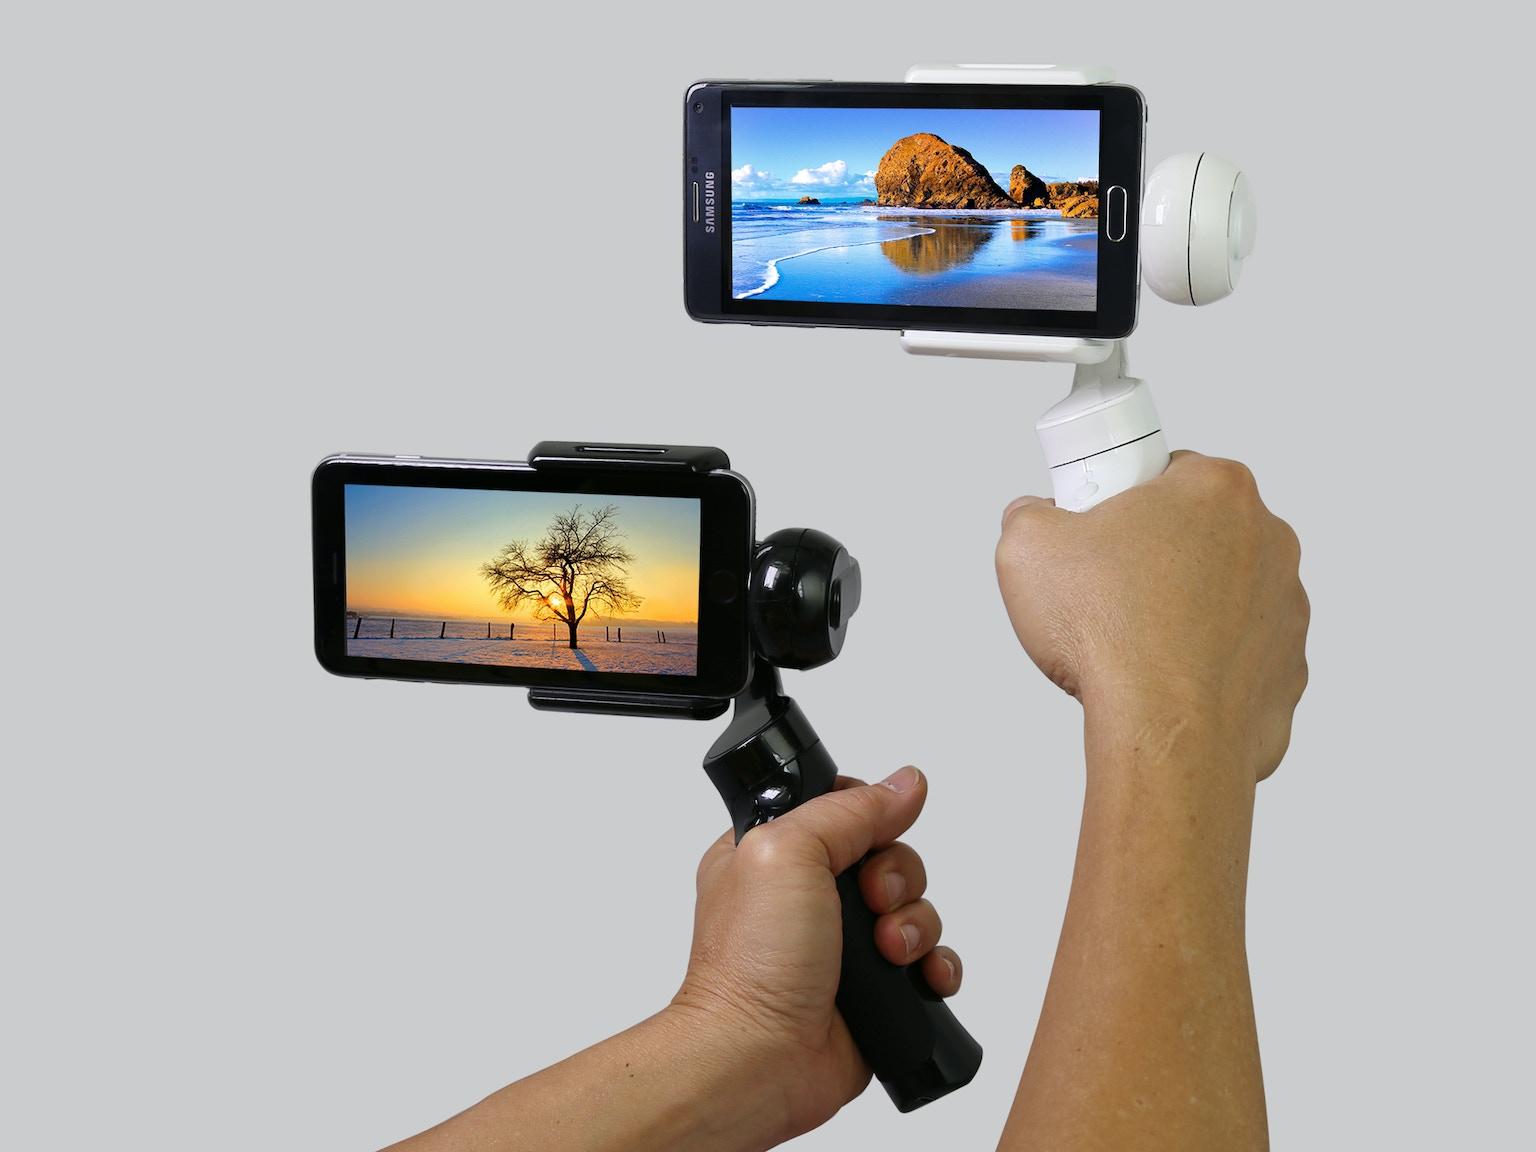 スマホの画面を録画する方法 -